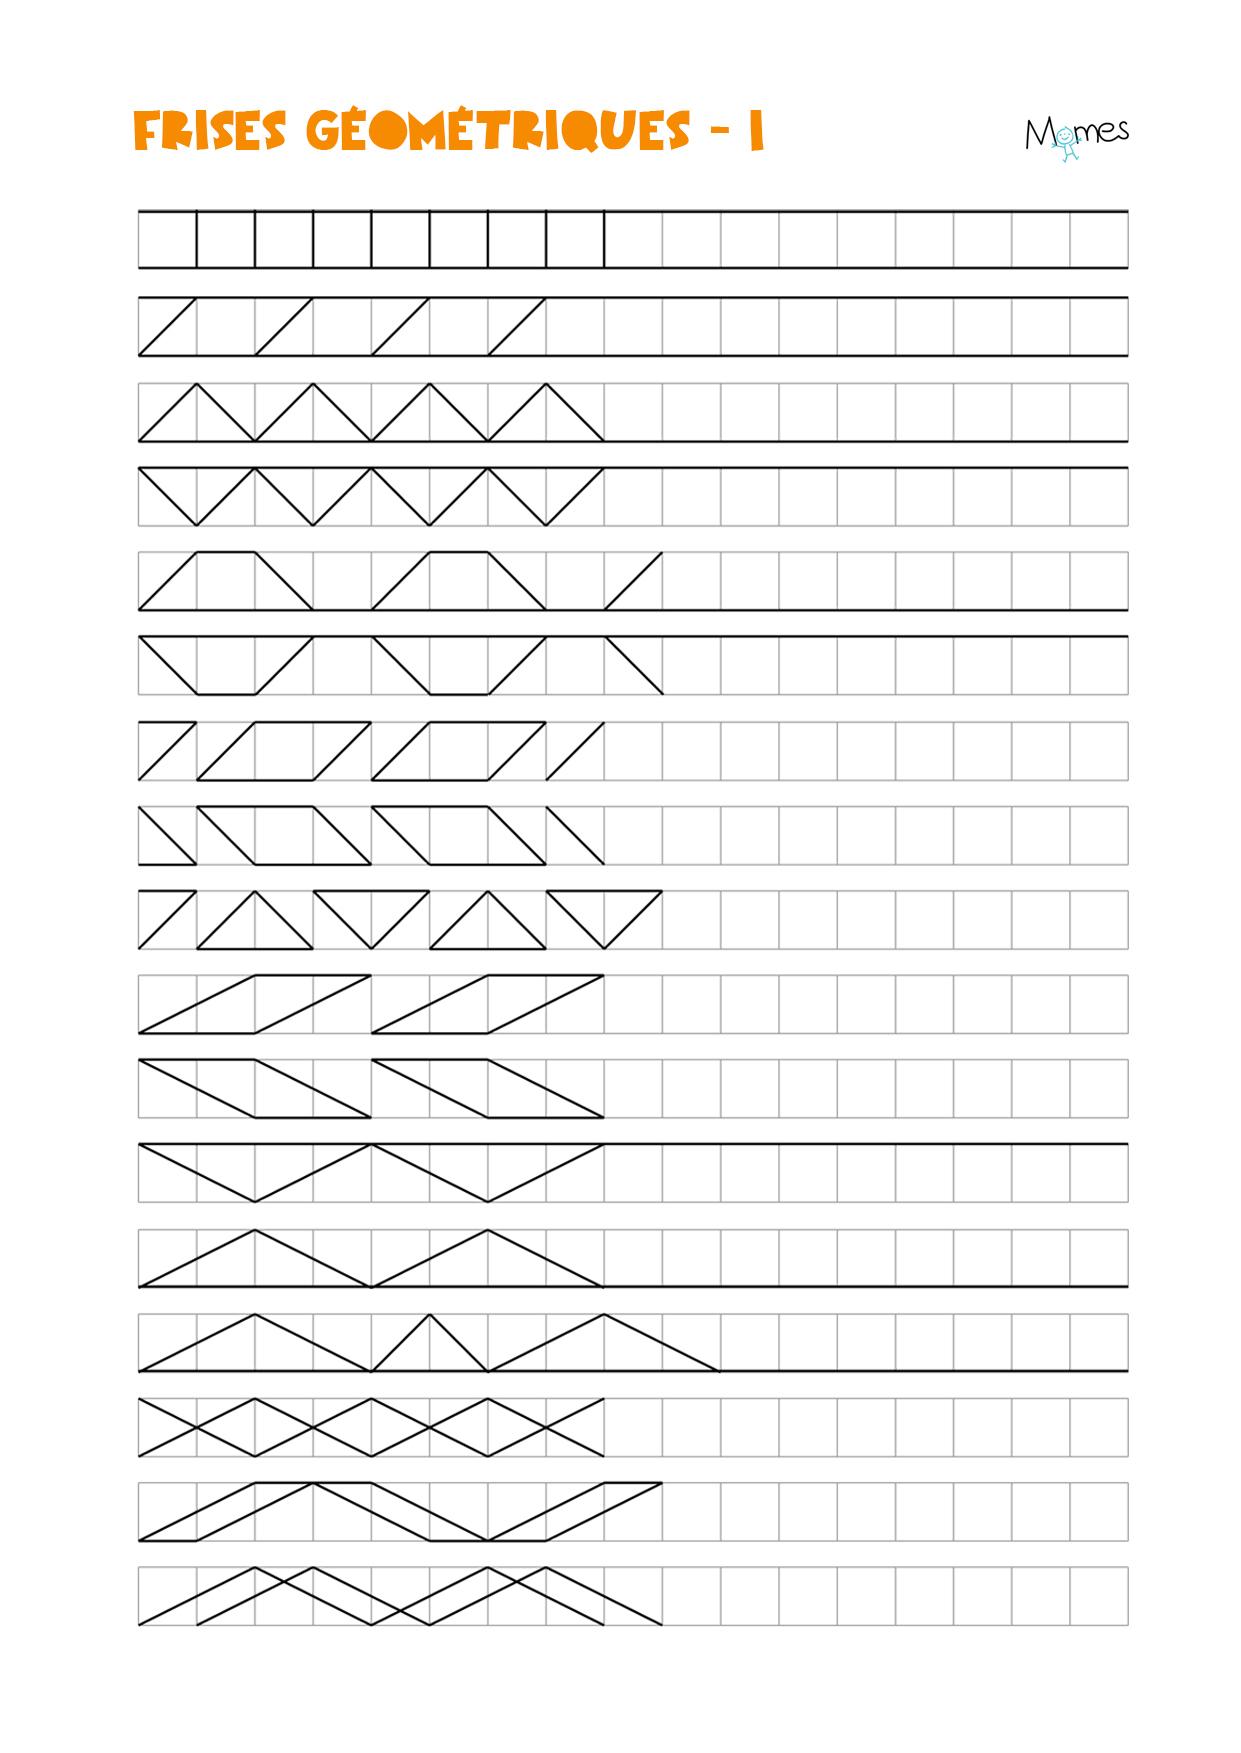 Frises Géométriques - Momes serapportantà Figures Géométriques Ce1